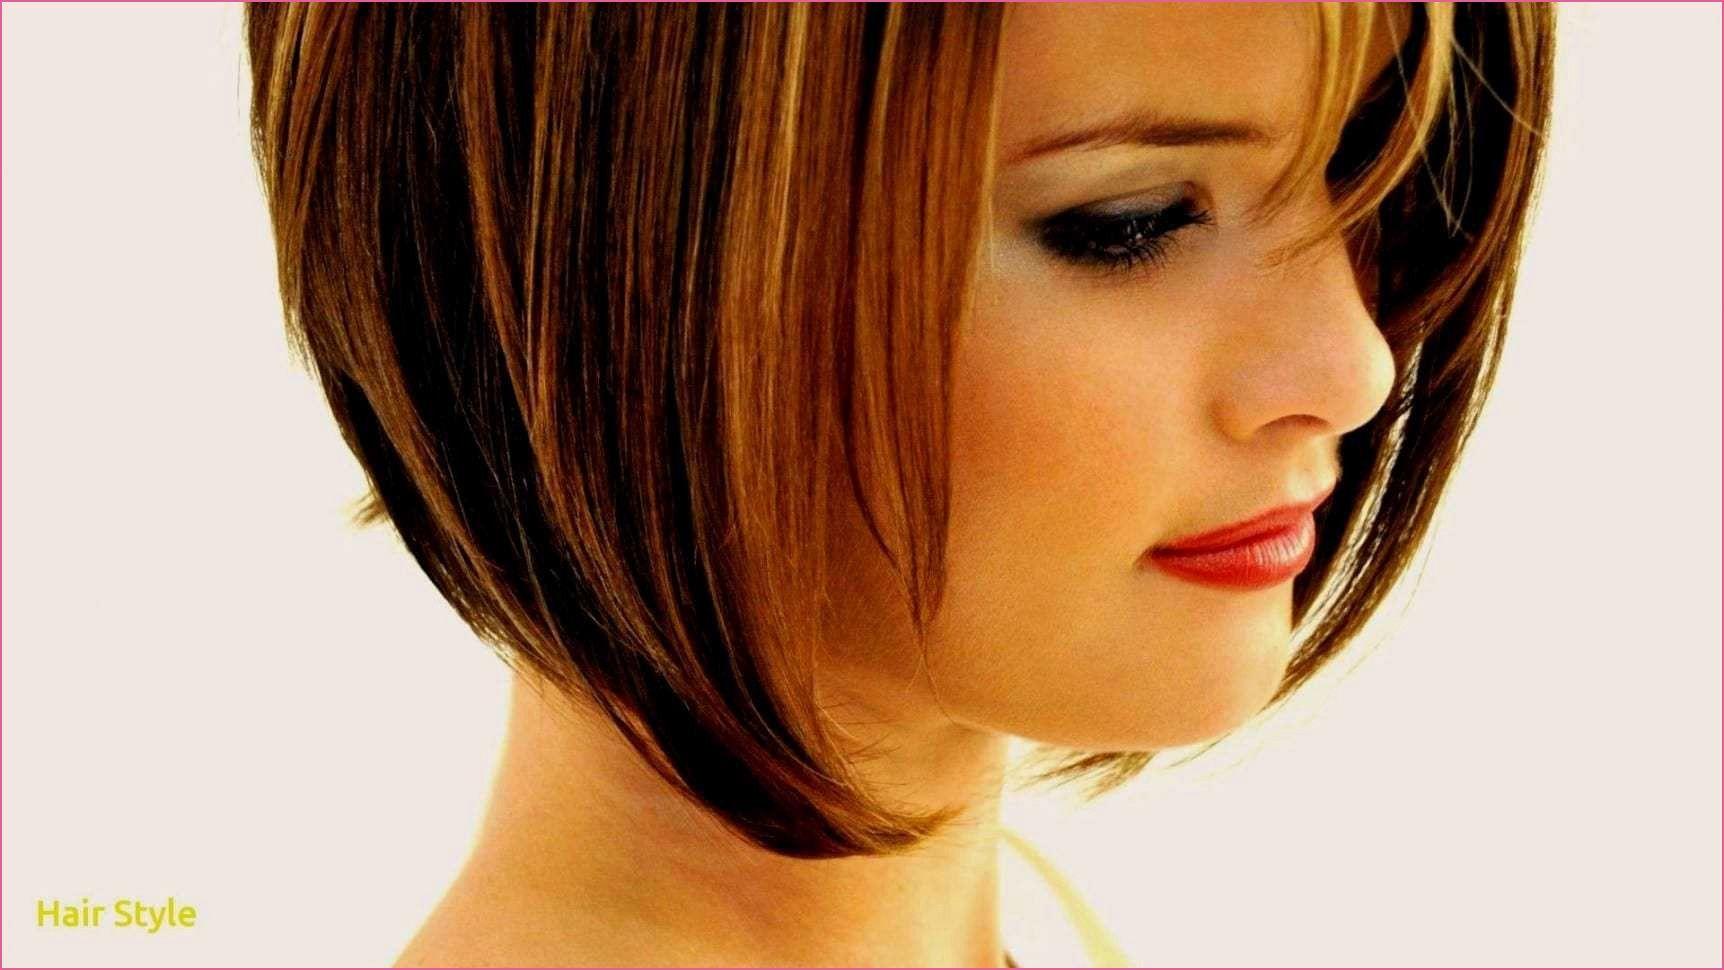 Schone Kurze Frisuren 2020 Frauen Ab 50 Kurze Frisuren 2020